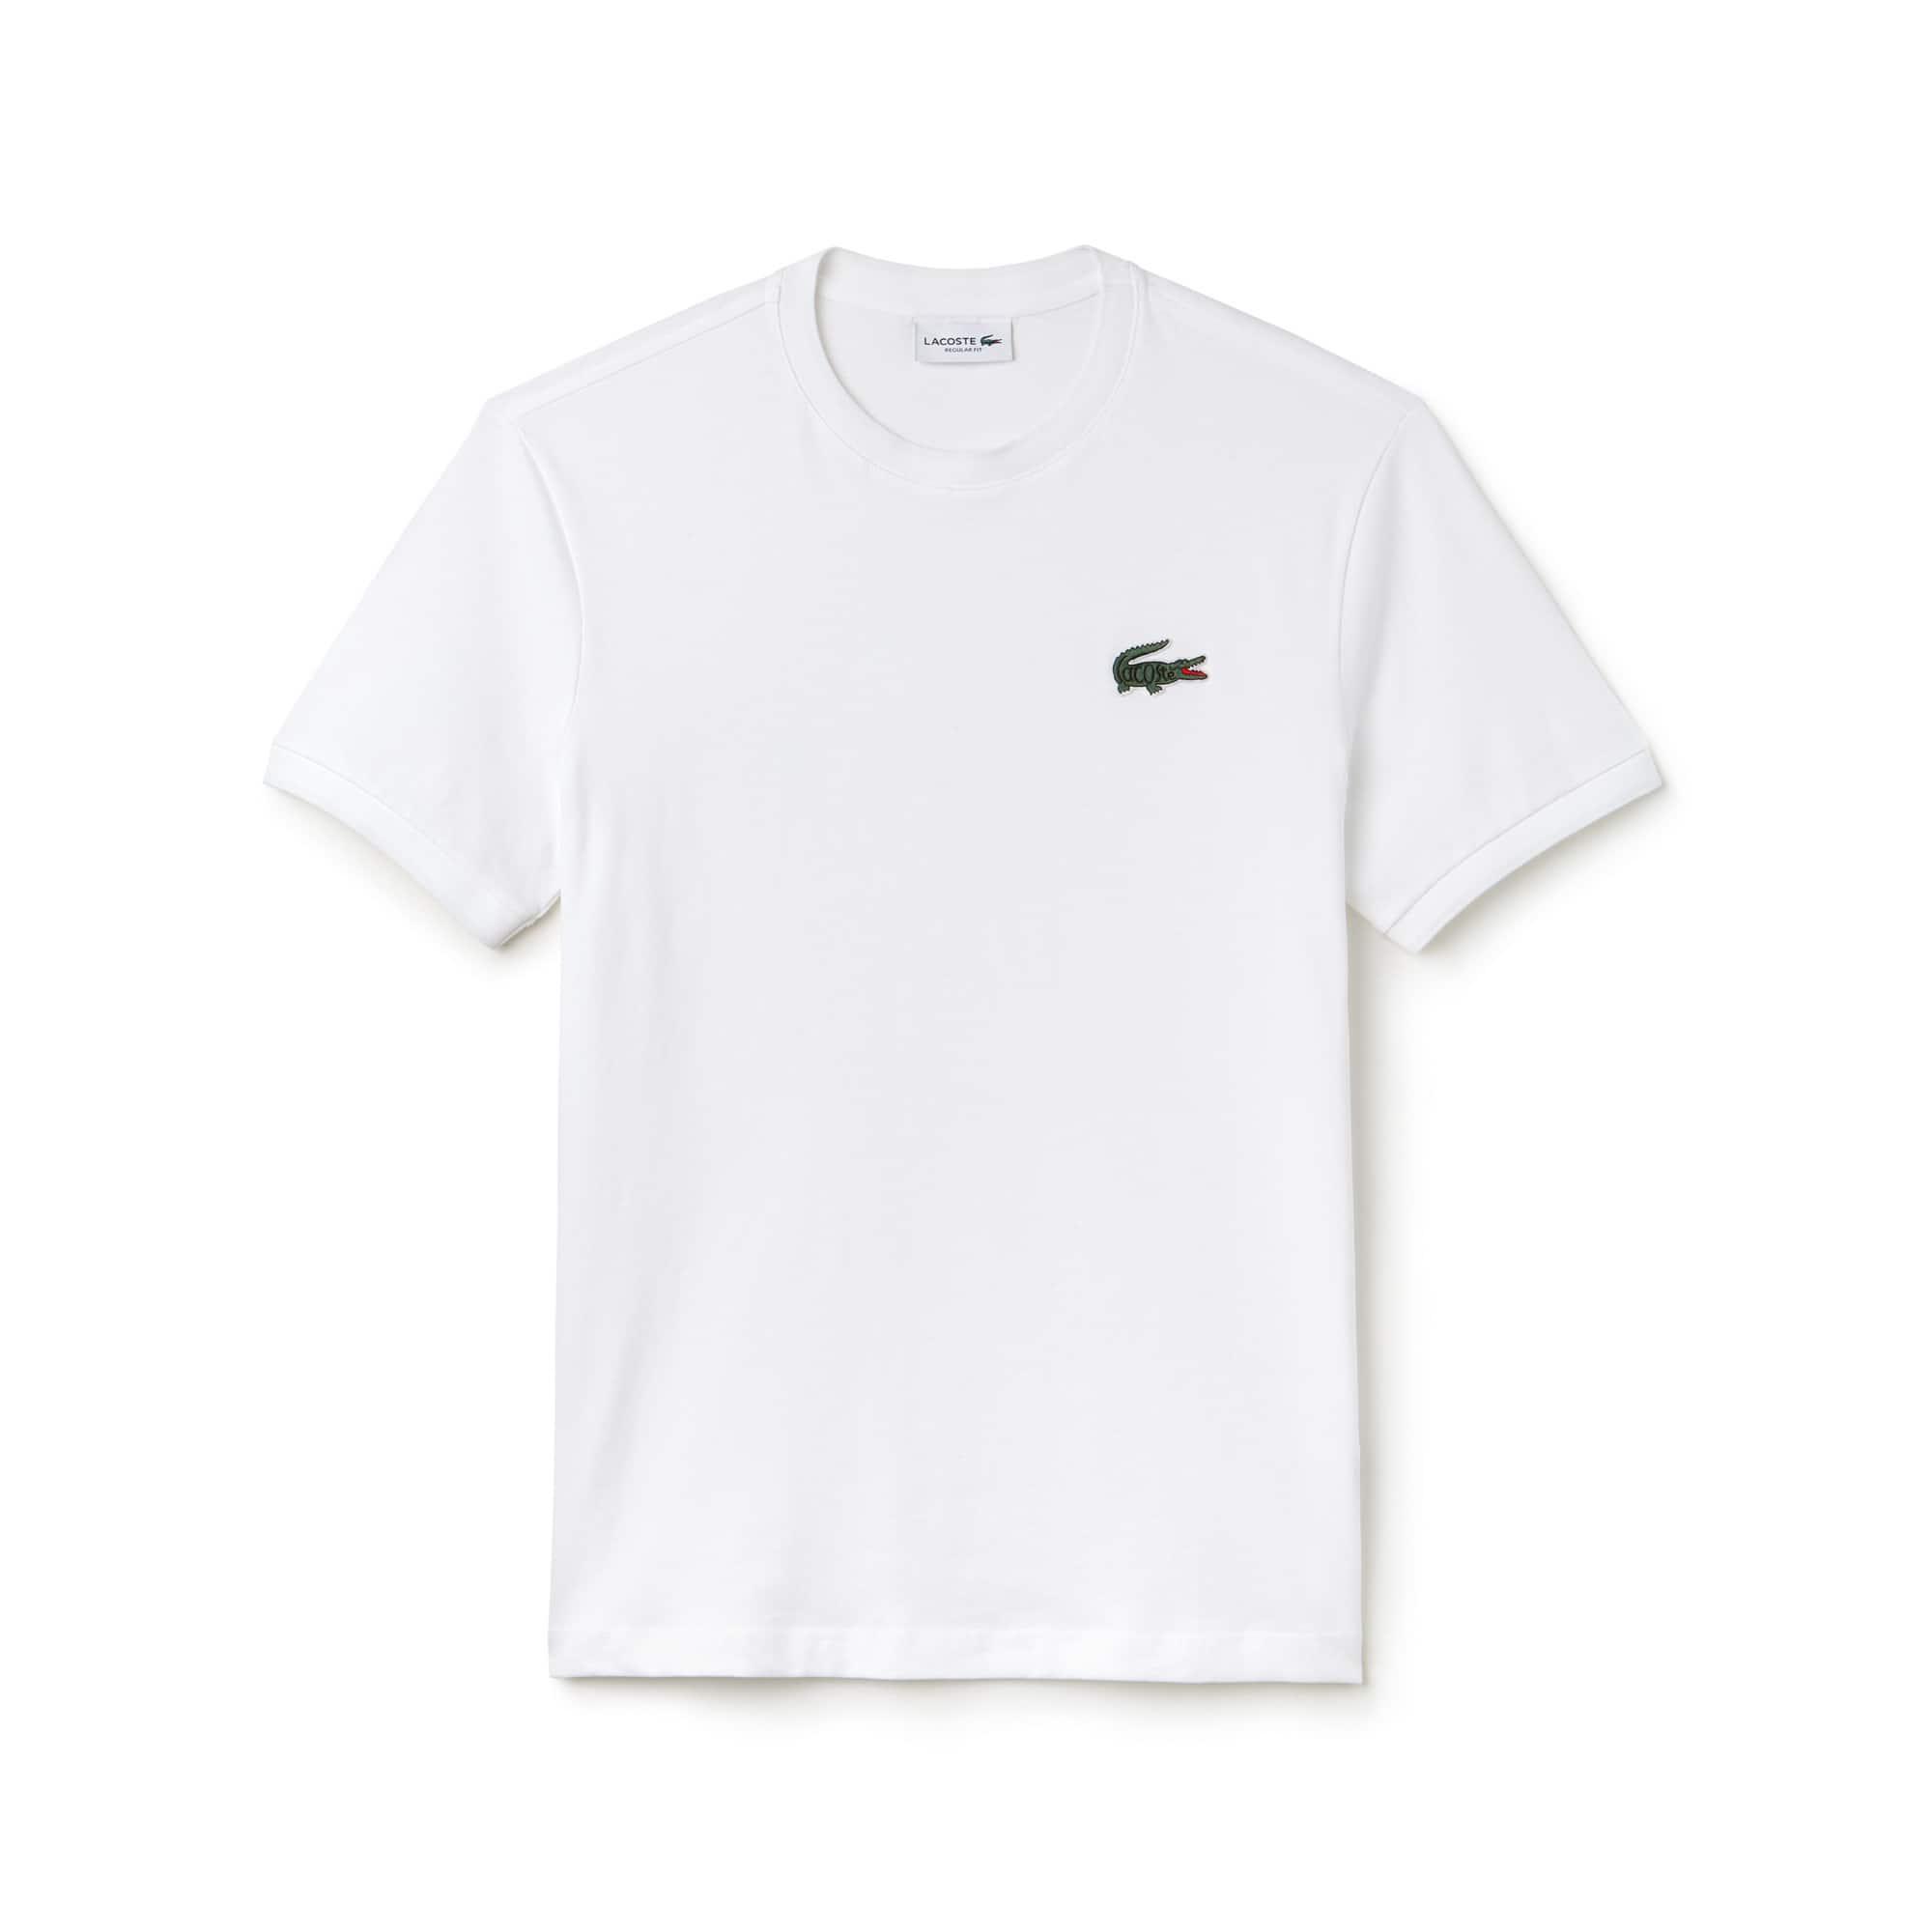 T-shirt col rond en jersey de coton avec crocodile marqué Lacoste